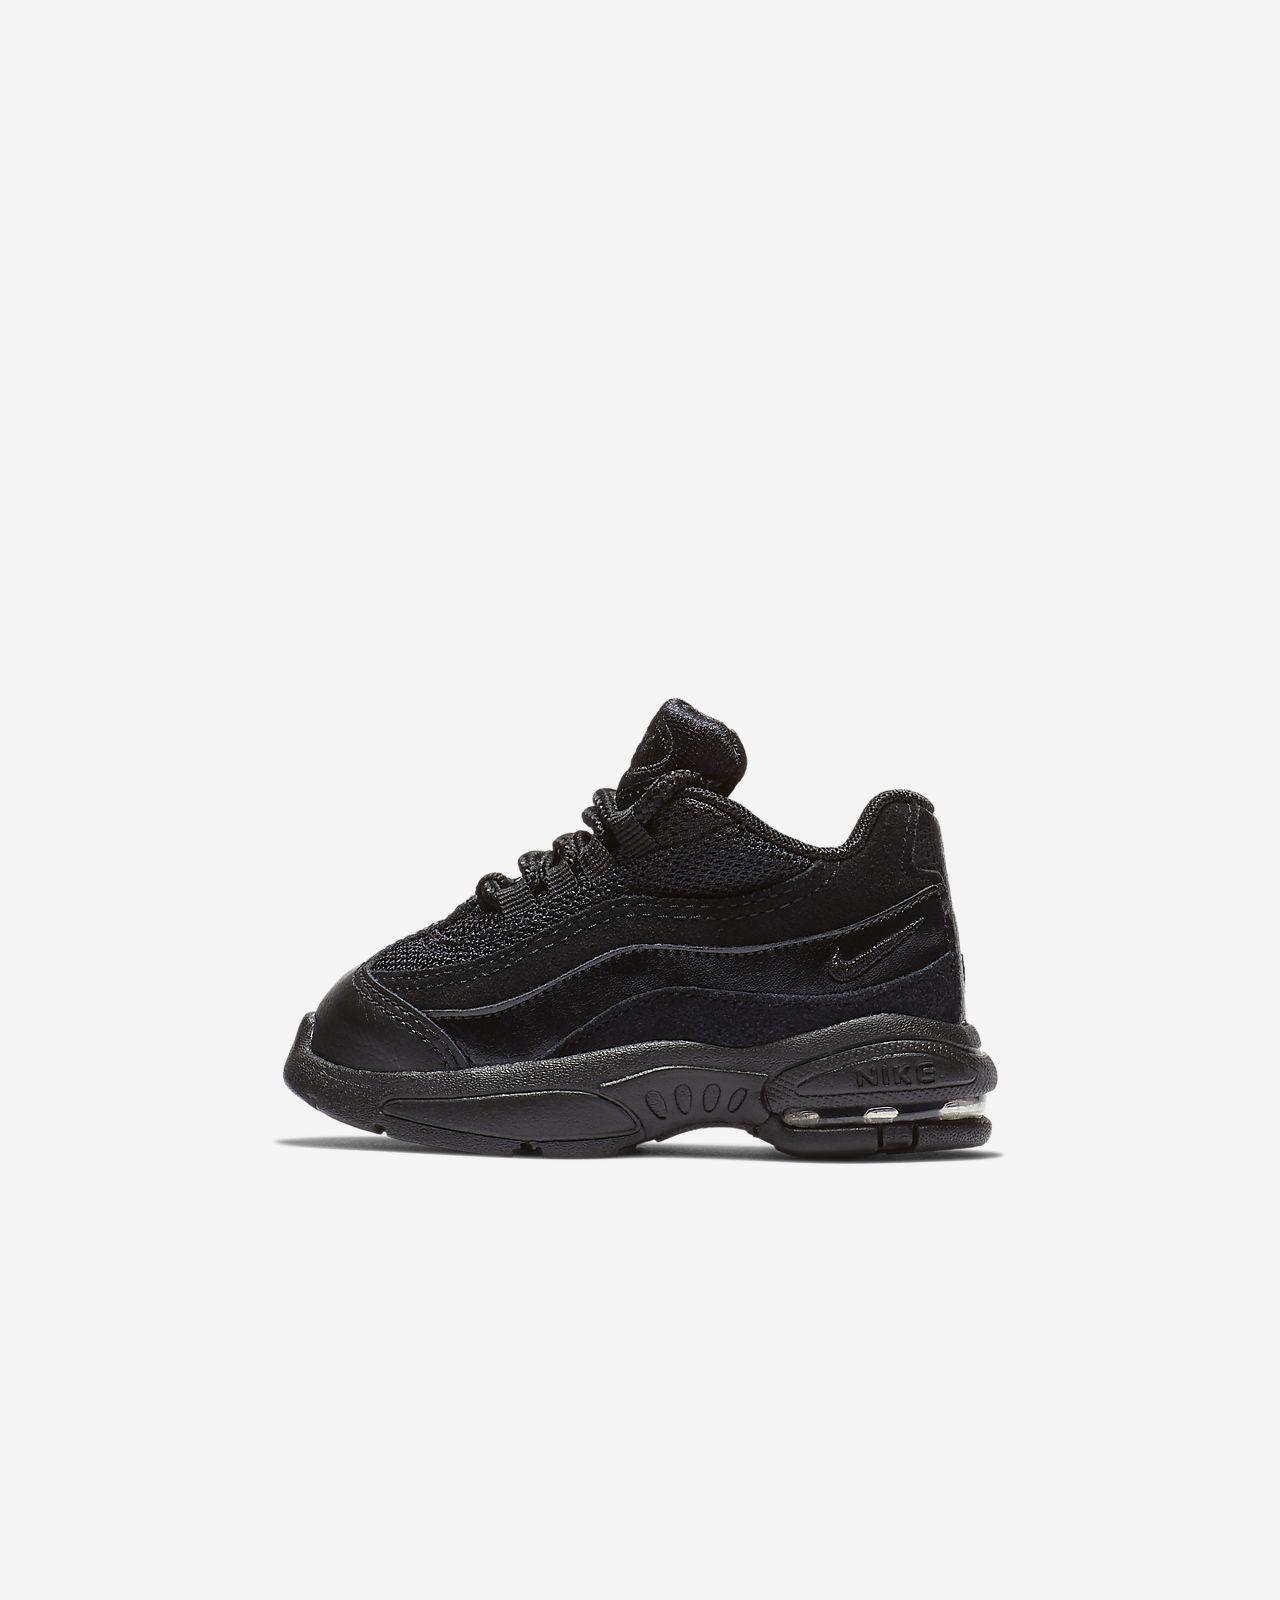 Chaussure Nike Air Max 95 pour BébéPetit enfant